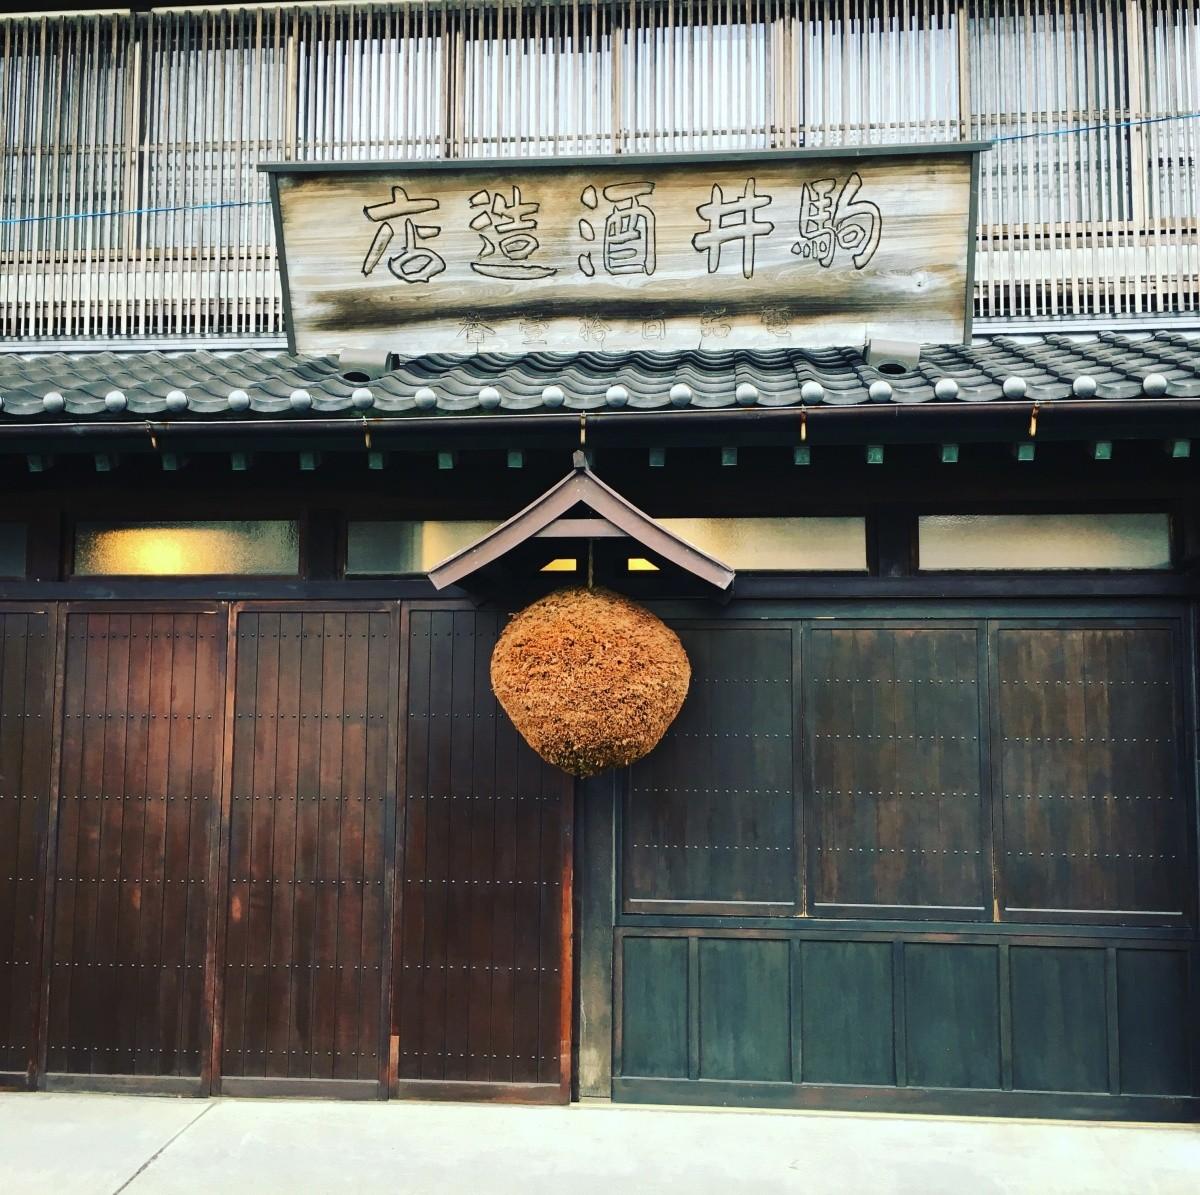 Alkoholproduktionsstätte in Japan von Außen.